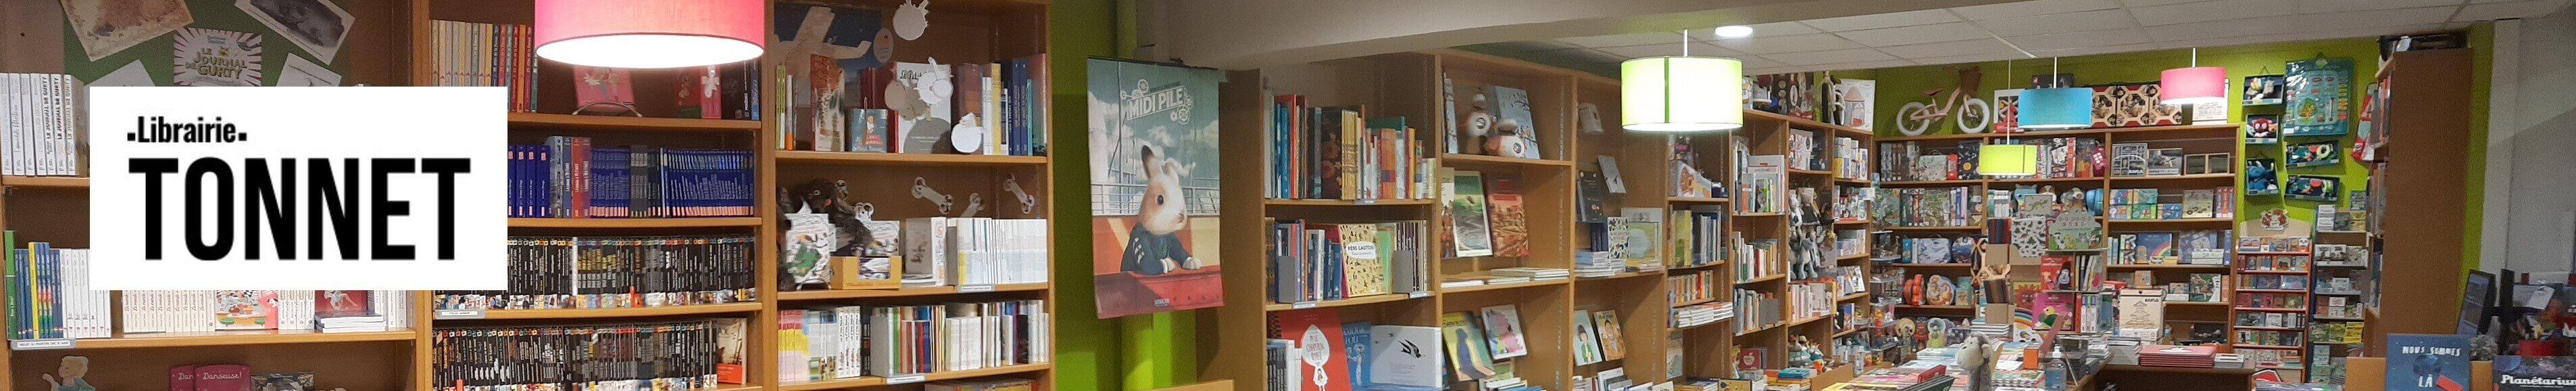 Librairie Tonnet